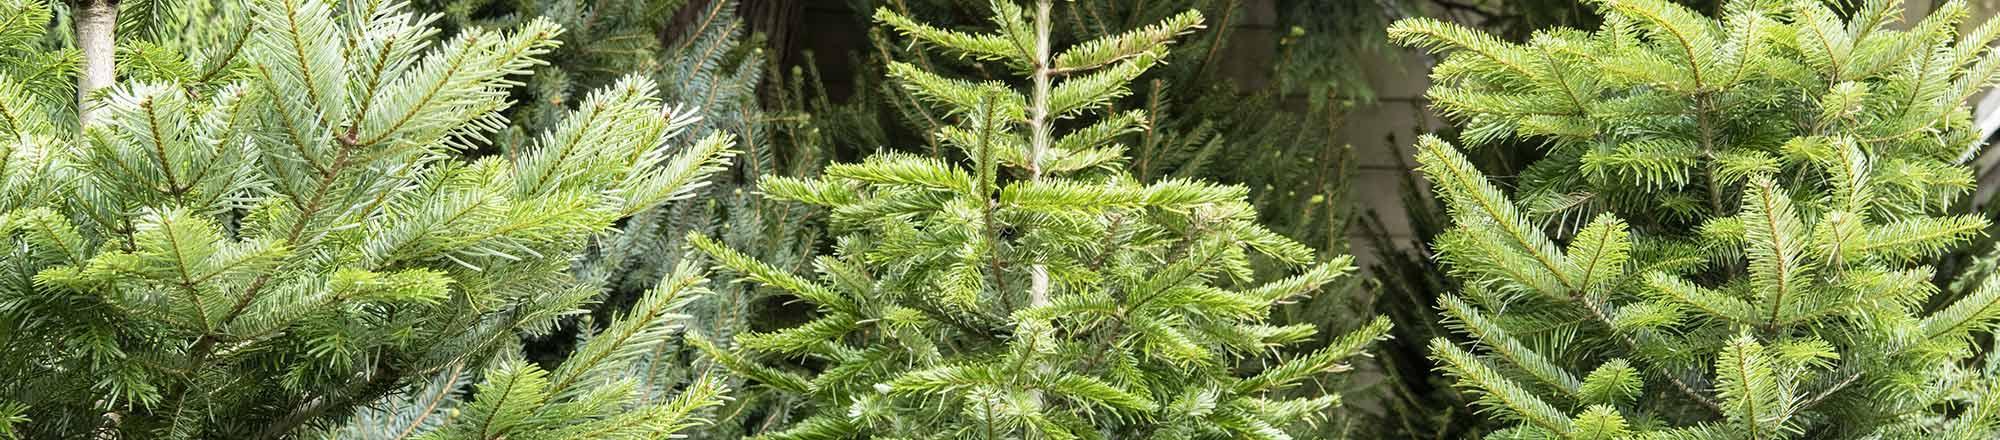 Kerstboom soorten: welke dennenboom past bij jou?